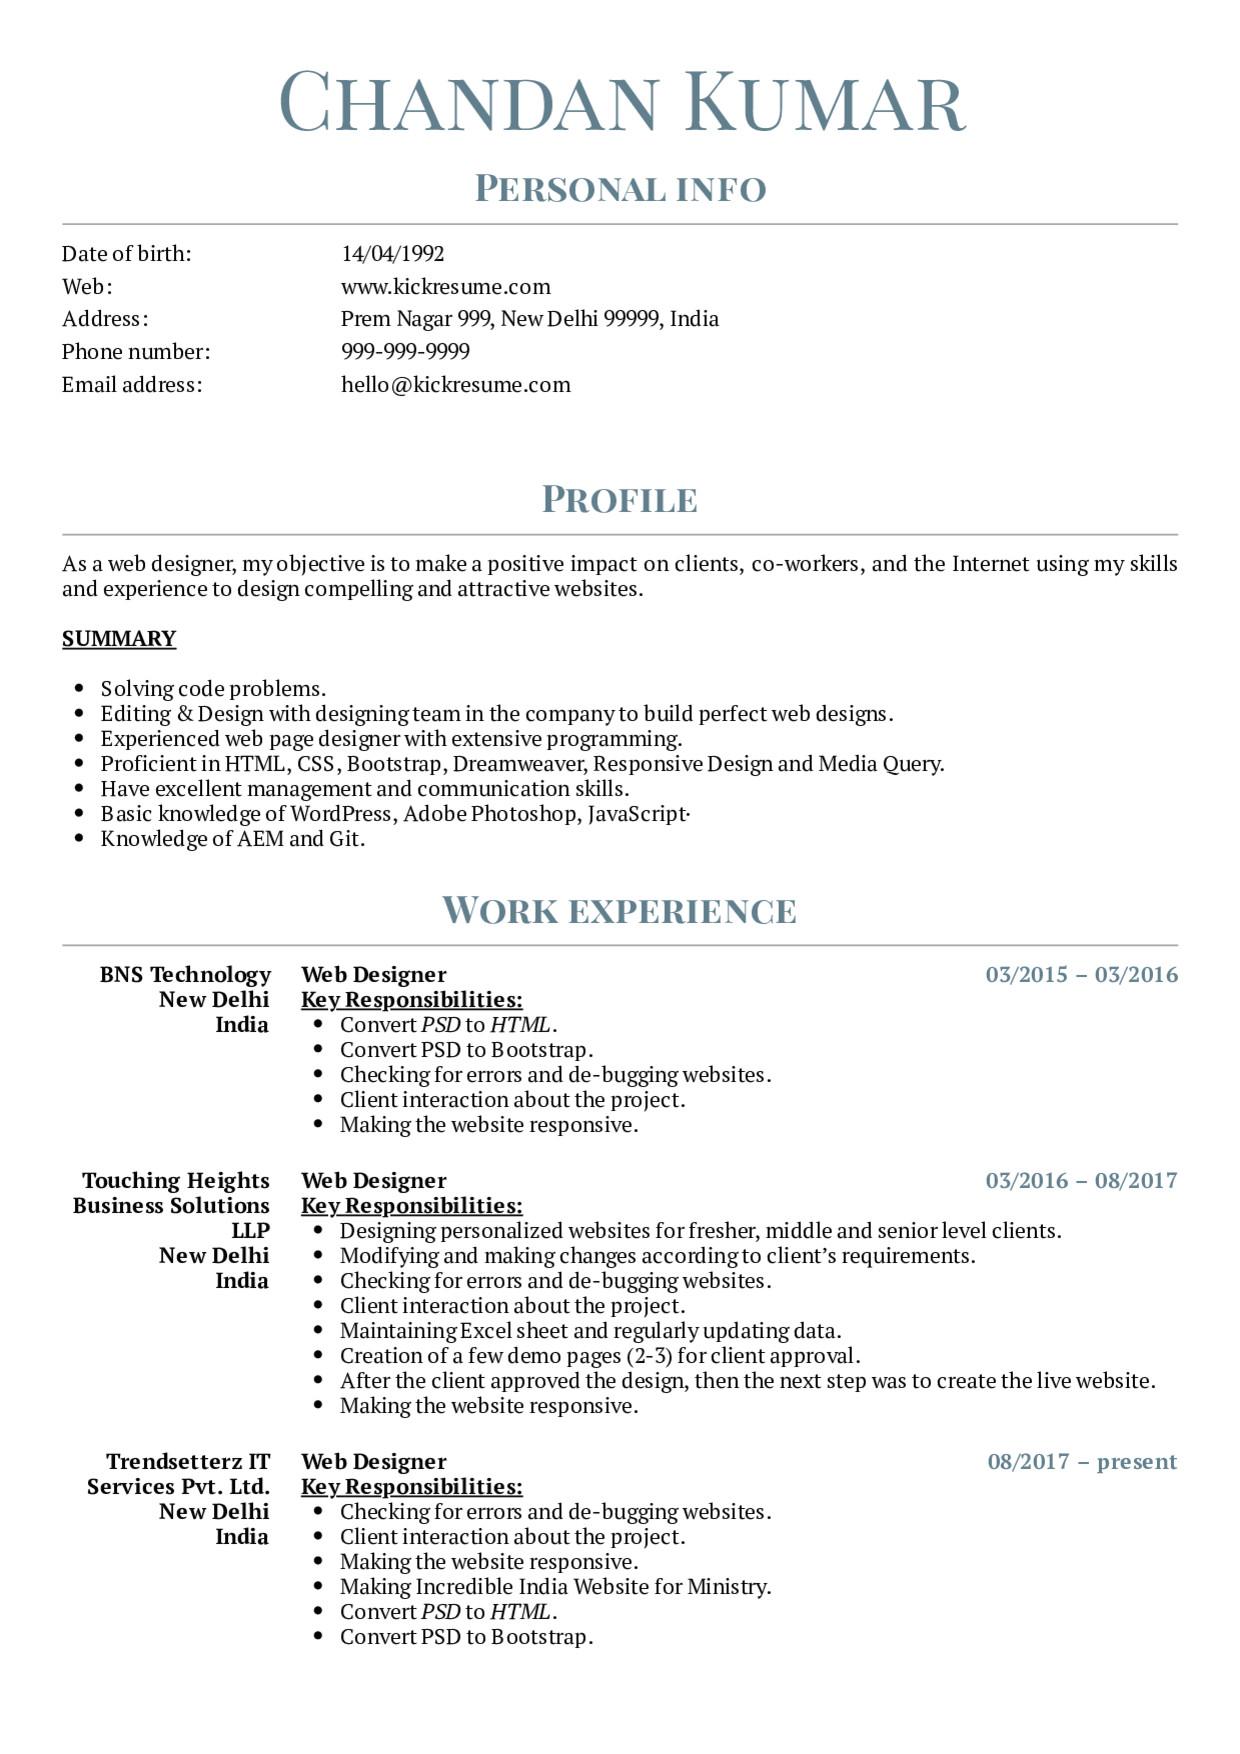 web designer trendsetterz resume sample